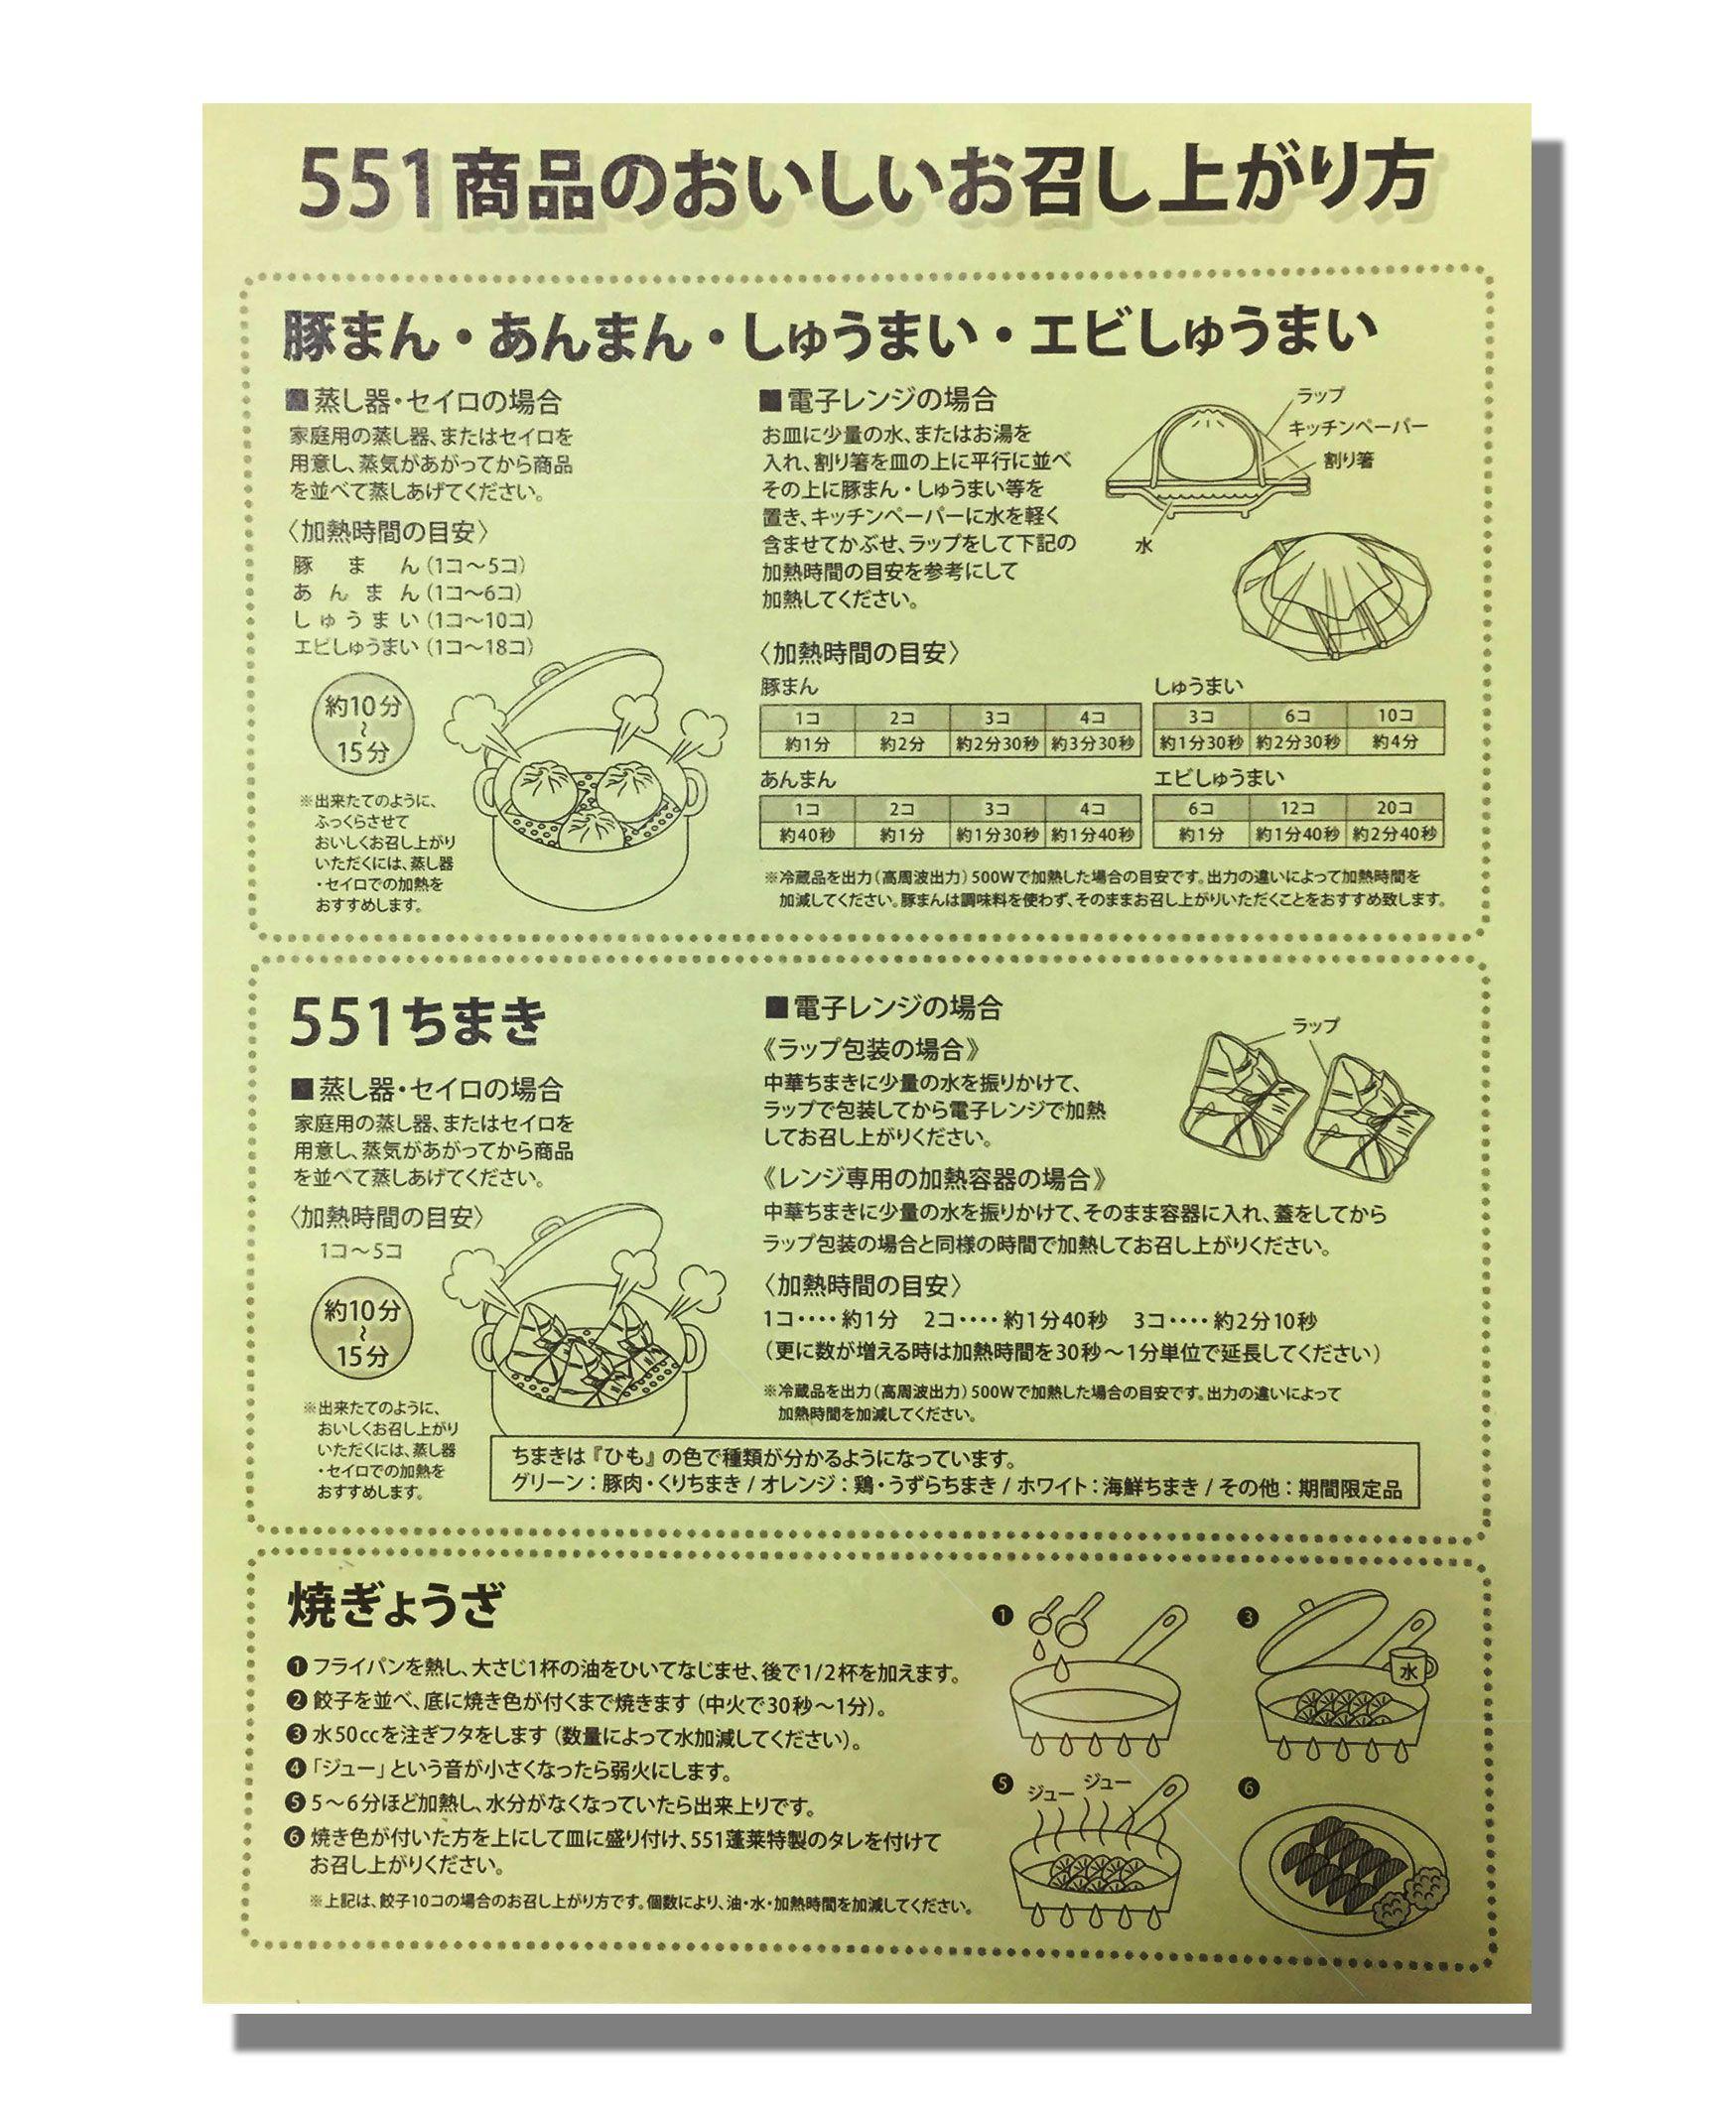 大阪名物・蓬莱551の豚まん 通販04